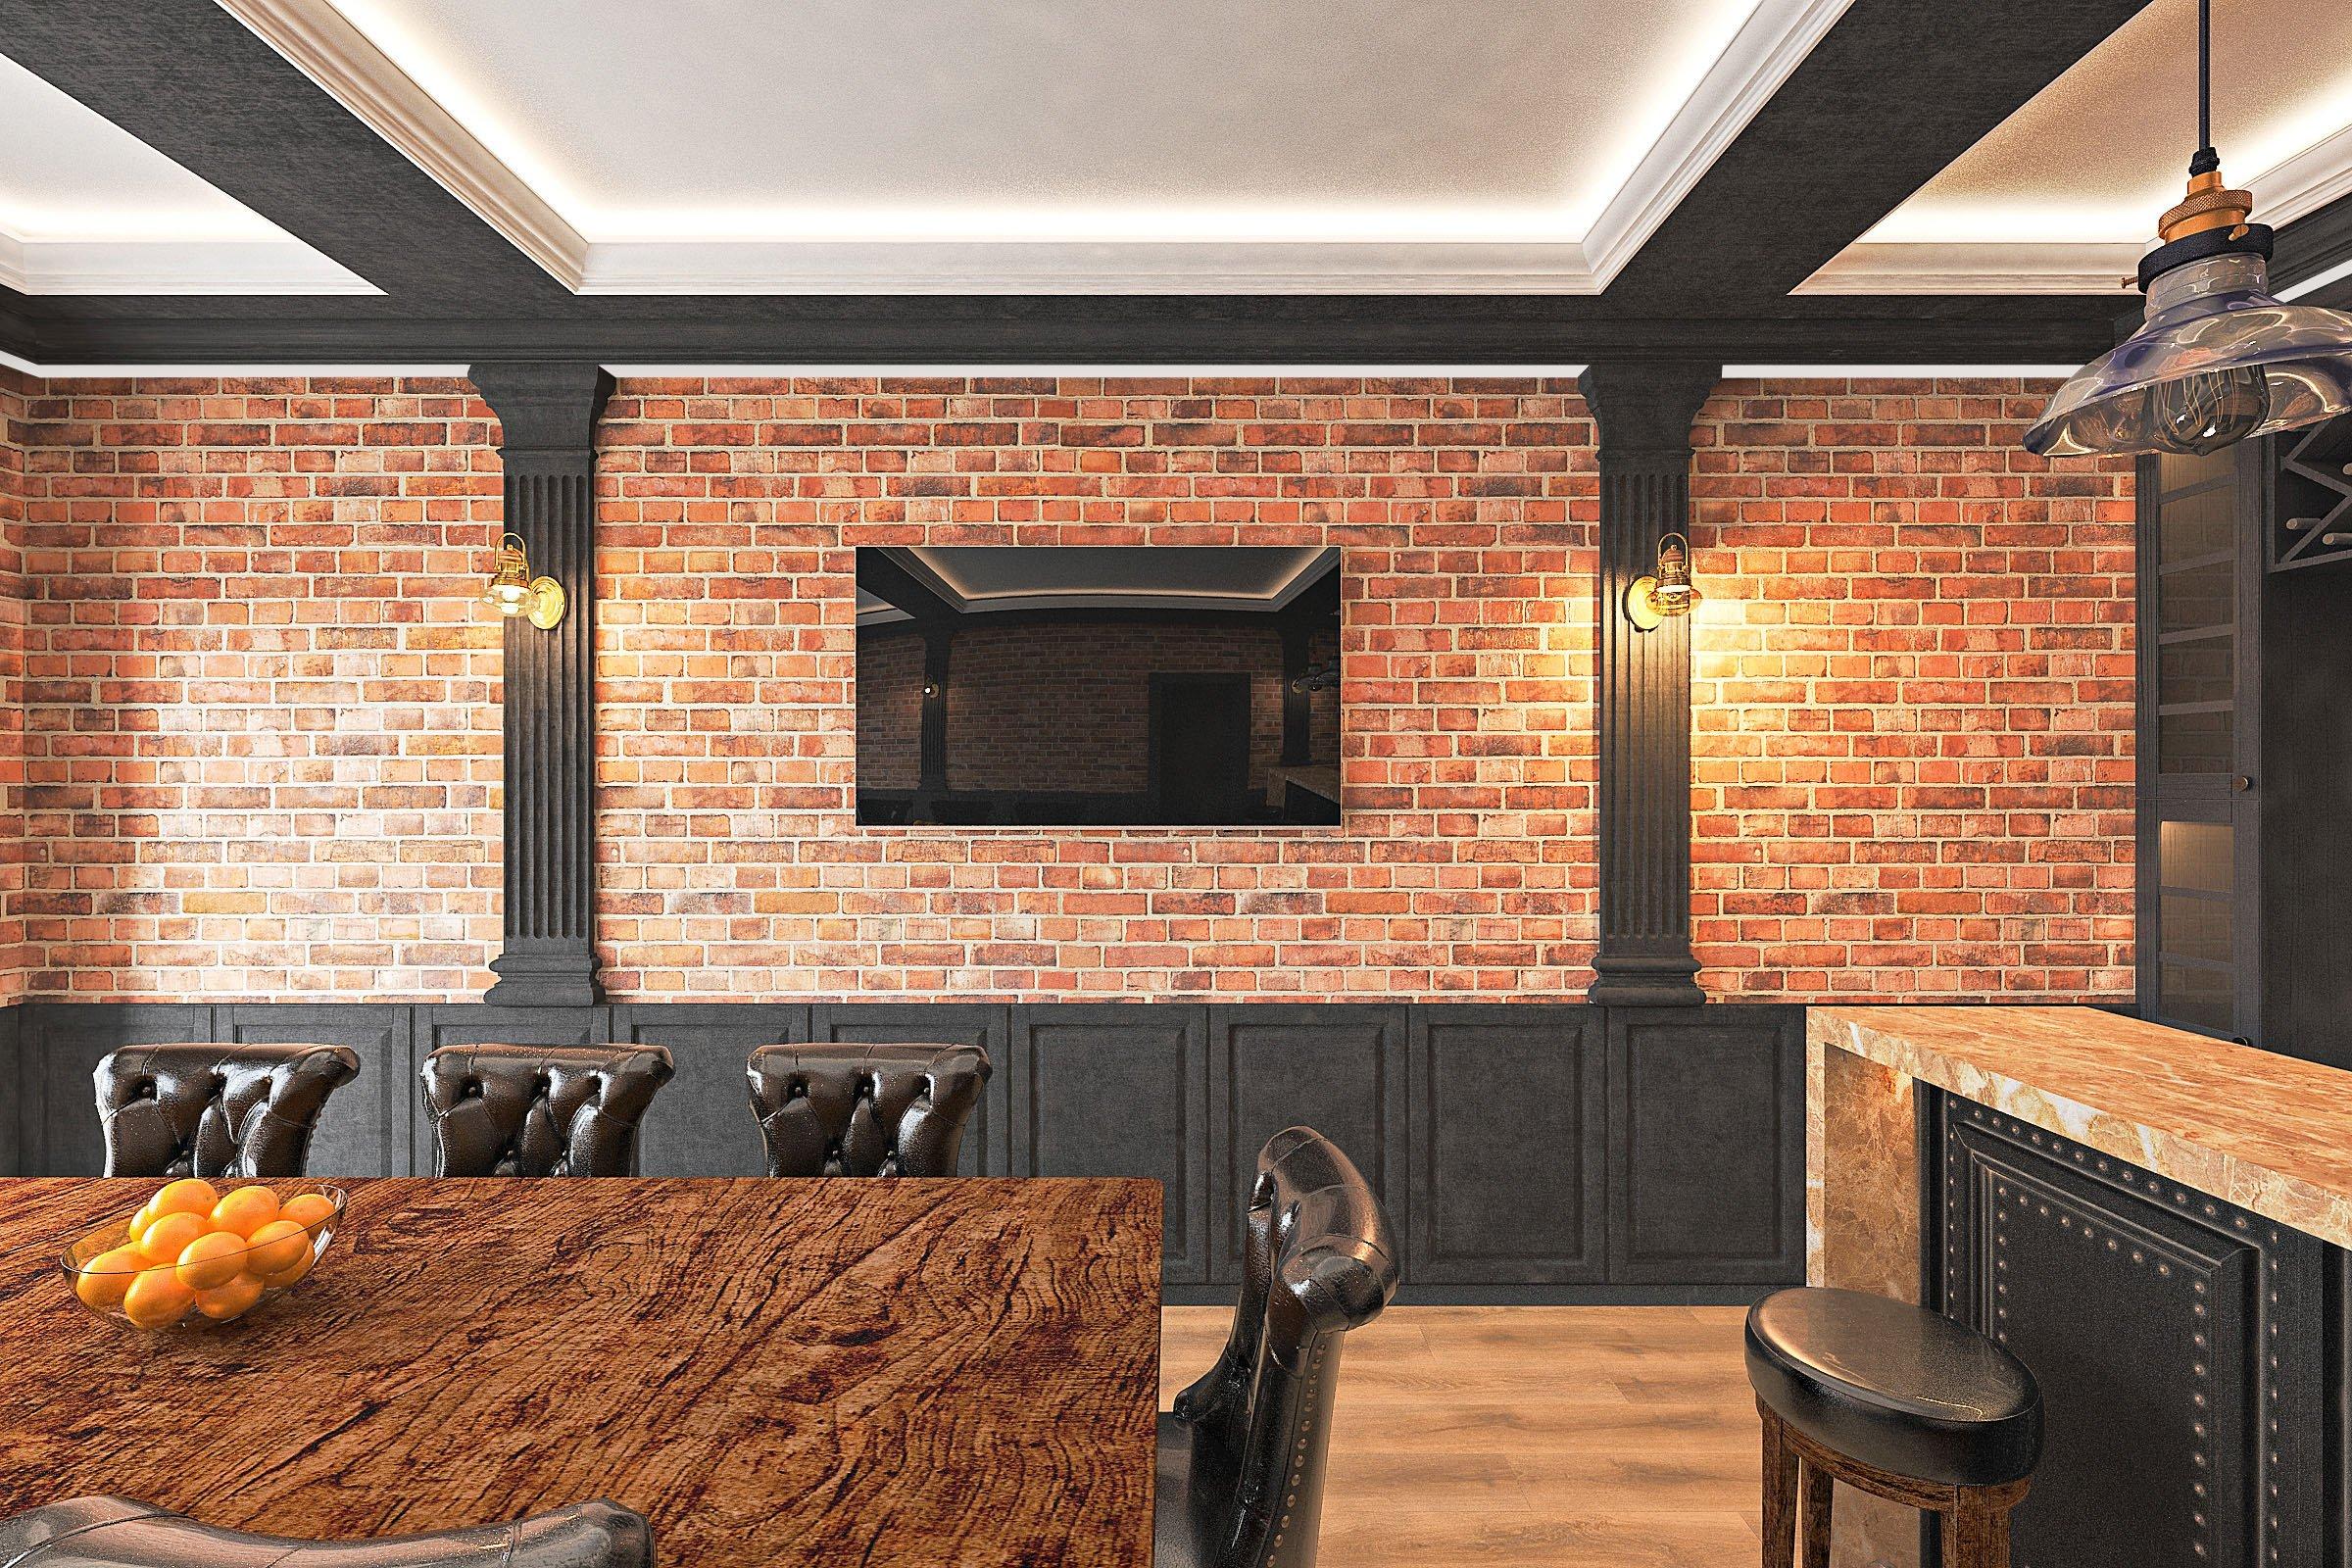 дизайн интерьера гаража в Гомеле в стиле классика + лофт, вид из двери со двора, телевизор 65 на стене, потолок с закарнизной подсветкой, вид 2